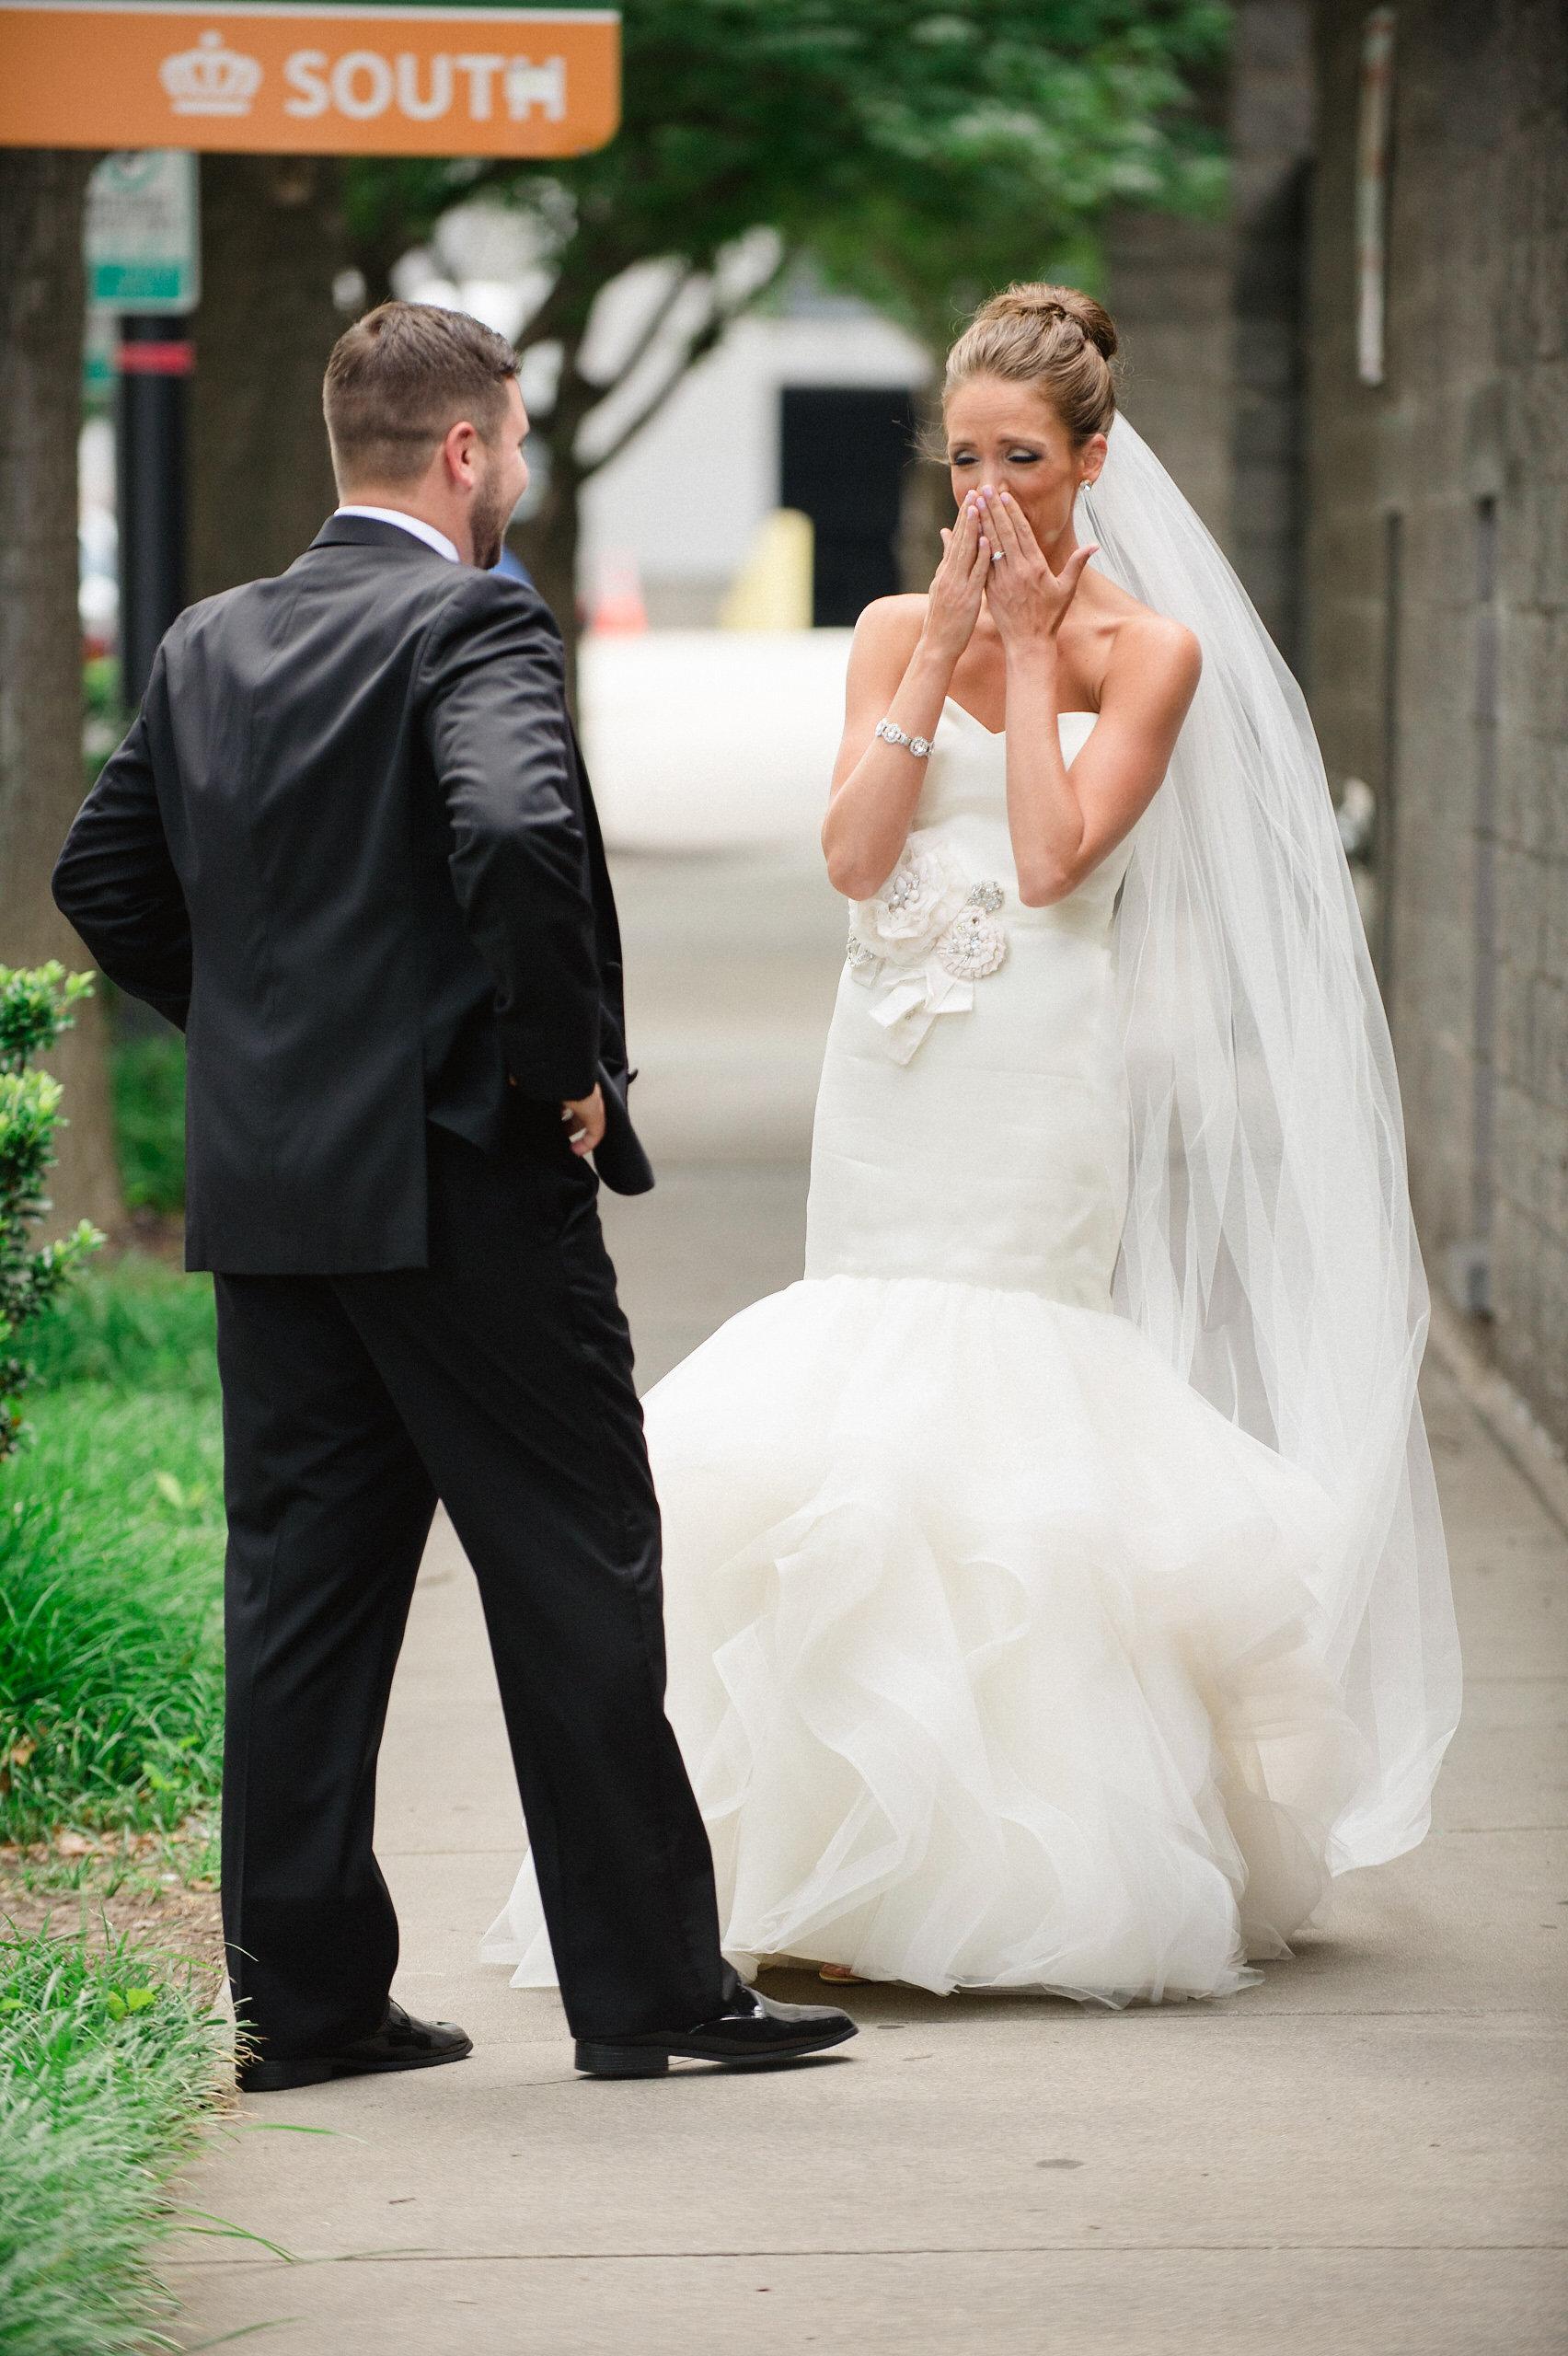 shelby&jordan|smitten&hooked|wedding|firstlook-012.jpg